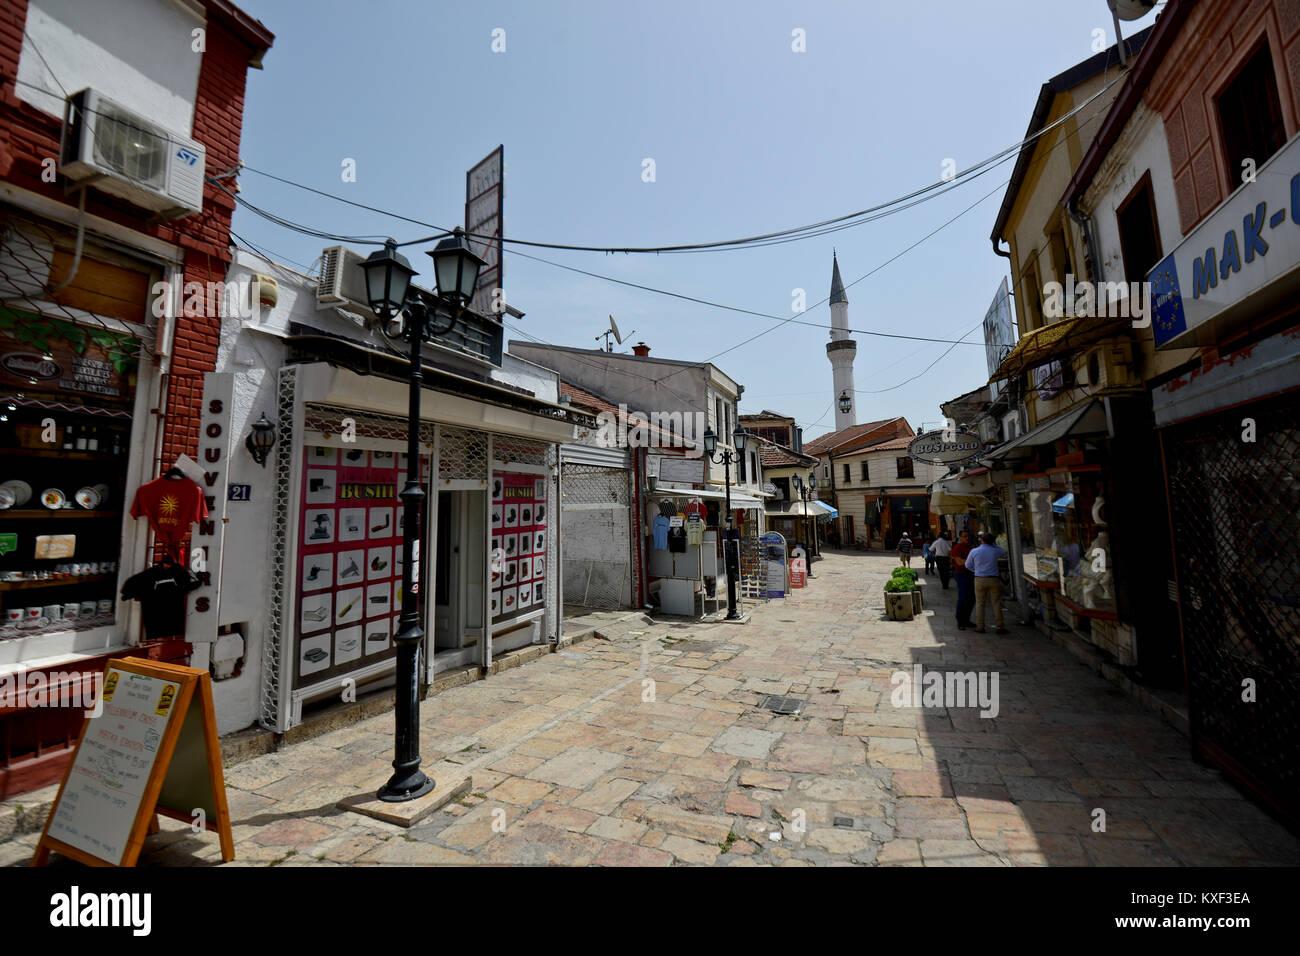 Skopje Old Bazaar, Macedonia - Stock Image